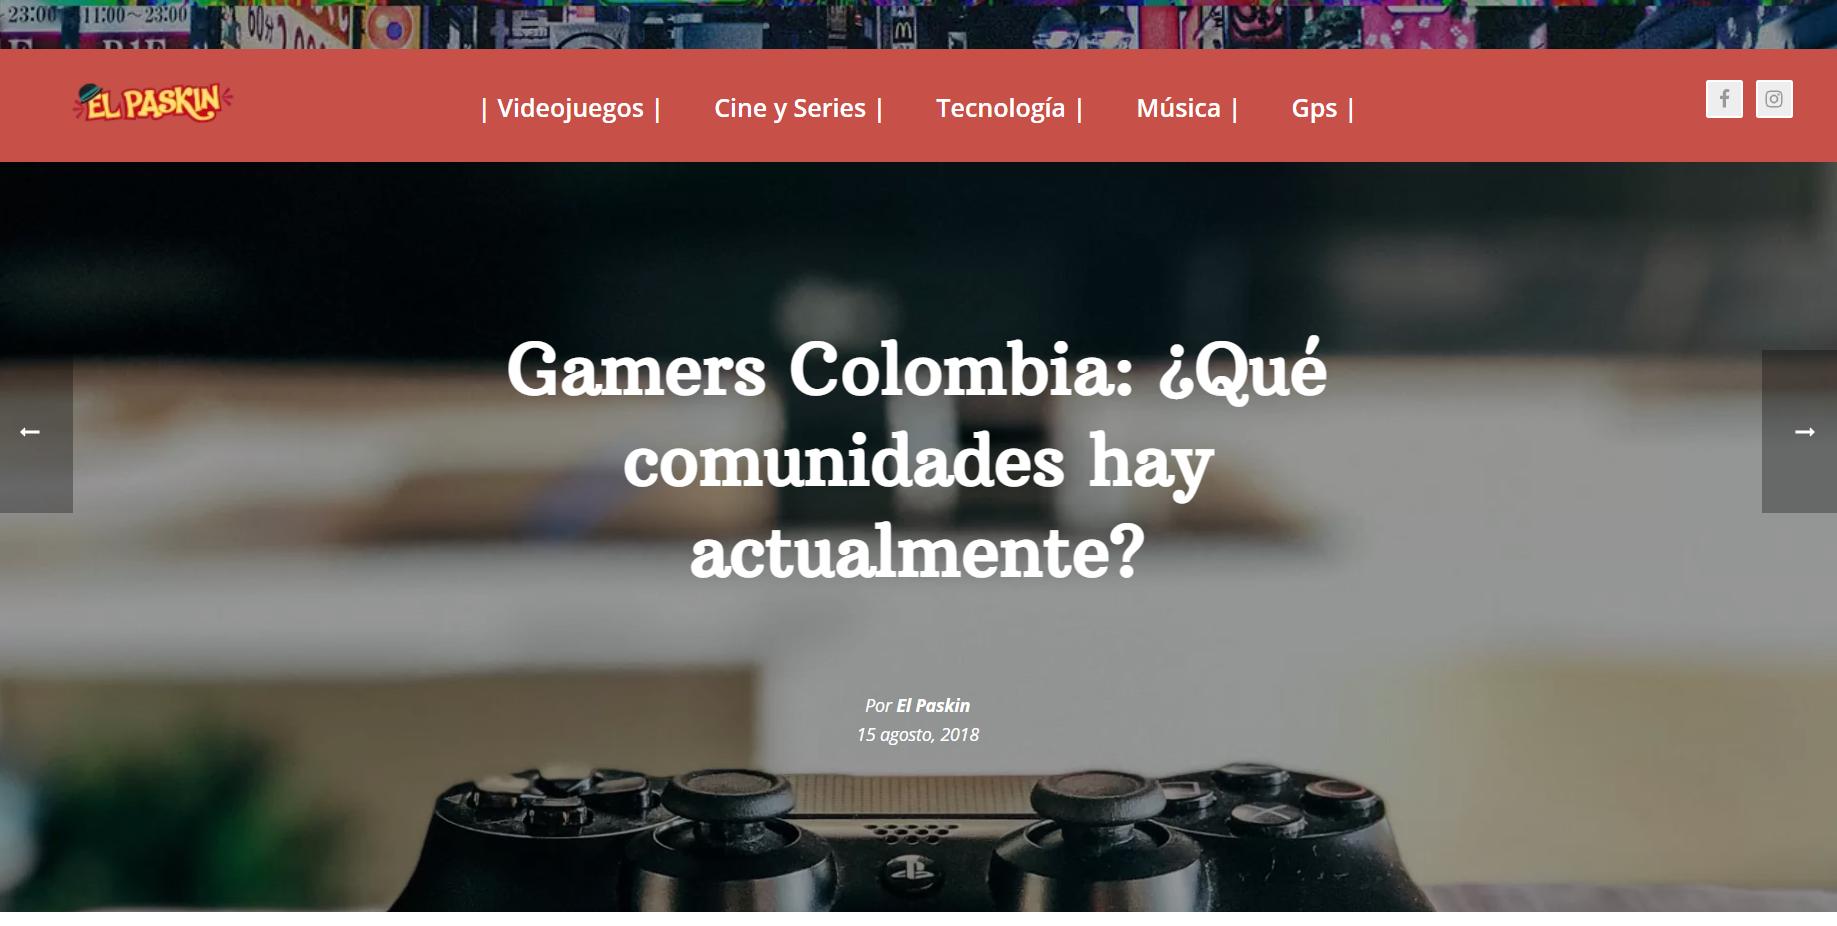 1.1. Artículo: Comunidades Gamer Colombia